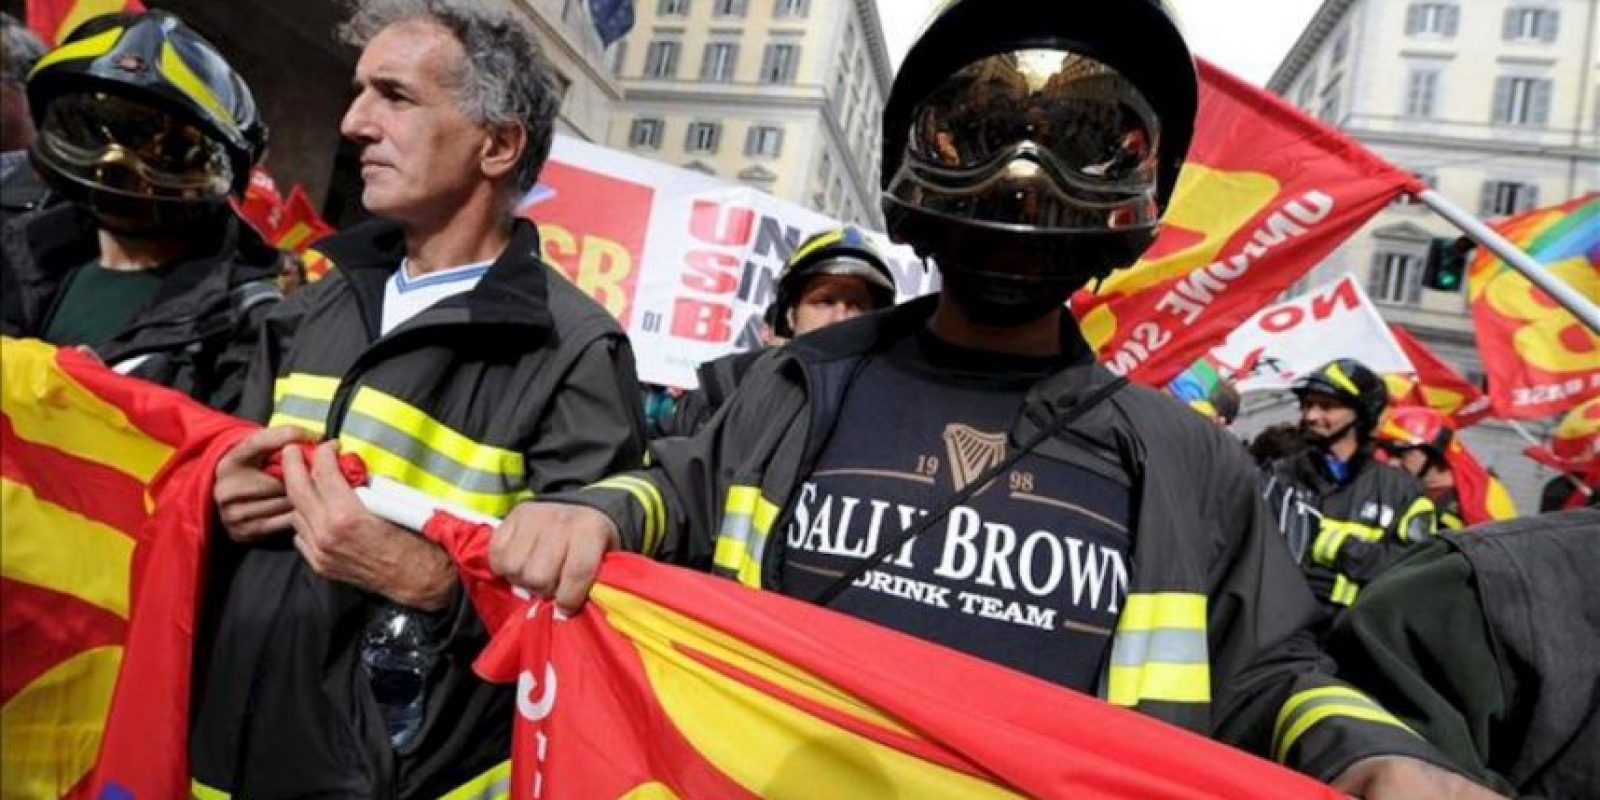 Bomberos italianos se manifiestan en Roma contra los recortes del gobierno de Mario Monti. EFE